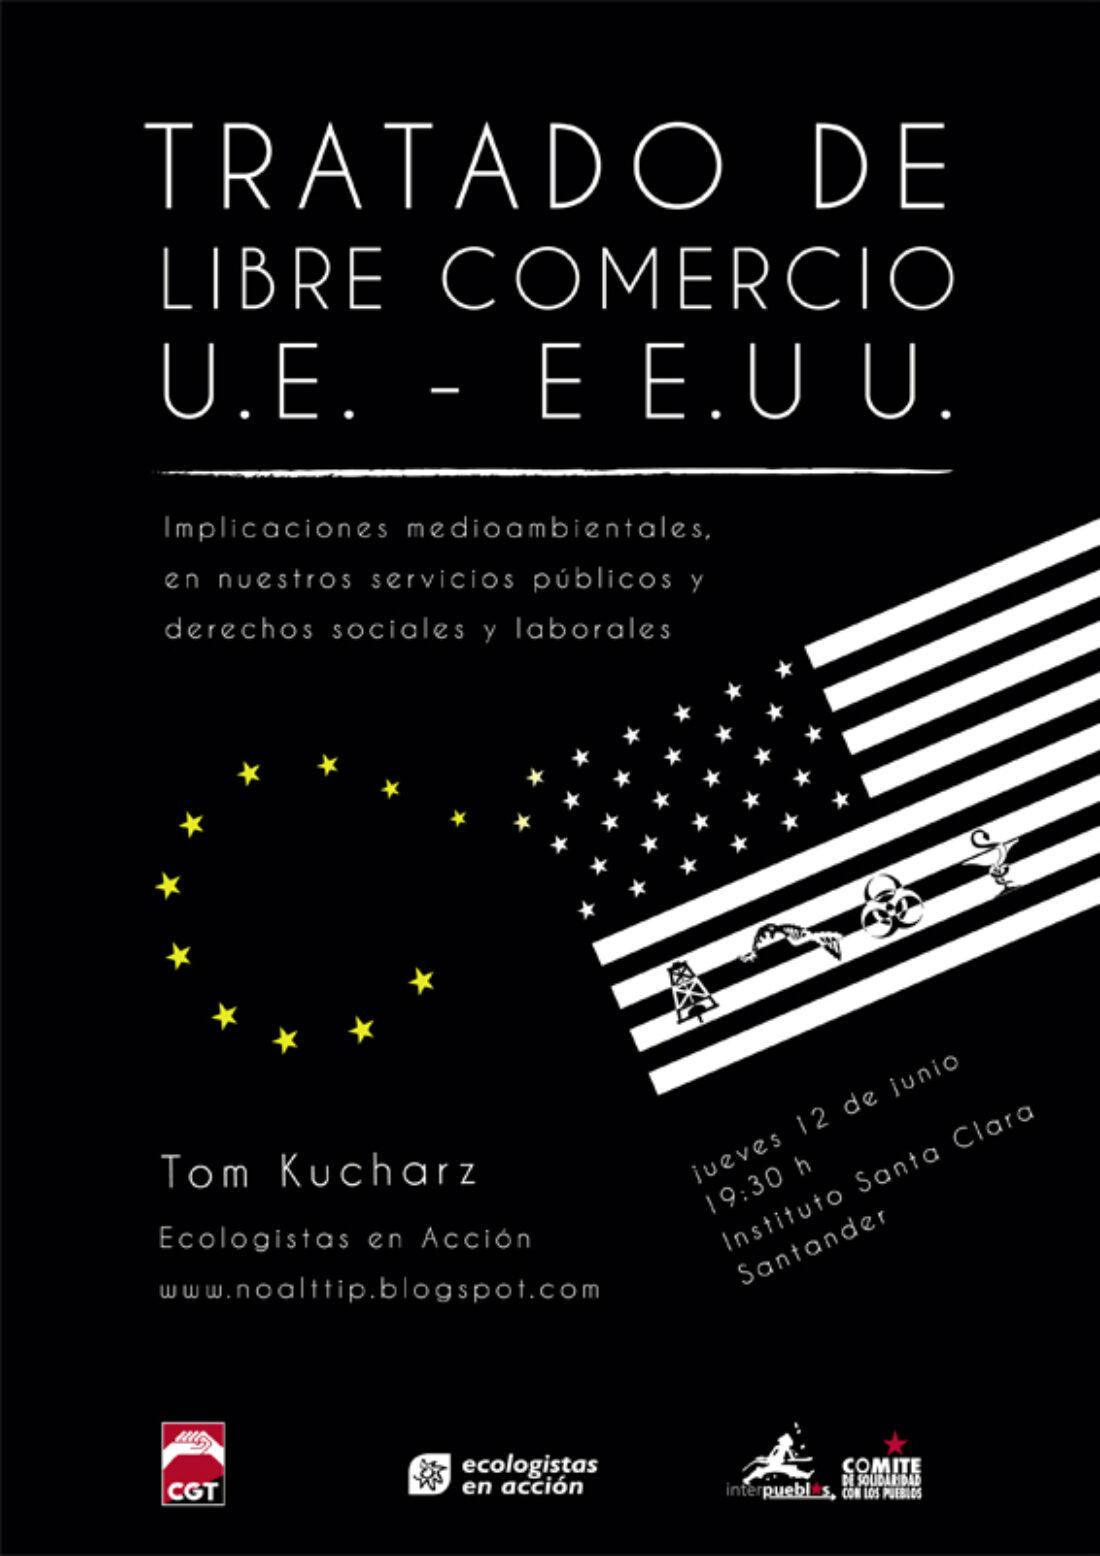 Charla sobre el Tratado de Libre Comercio entre EEUU-UE (TTIP)